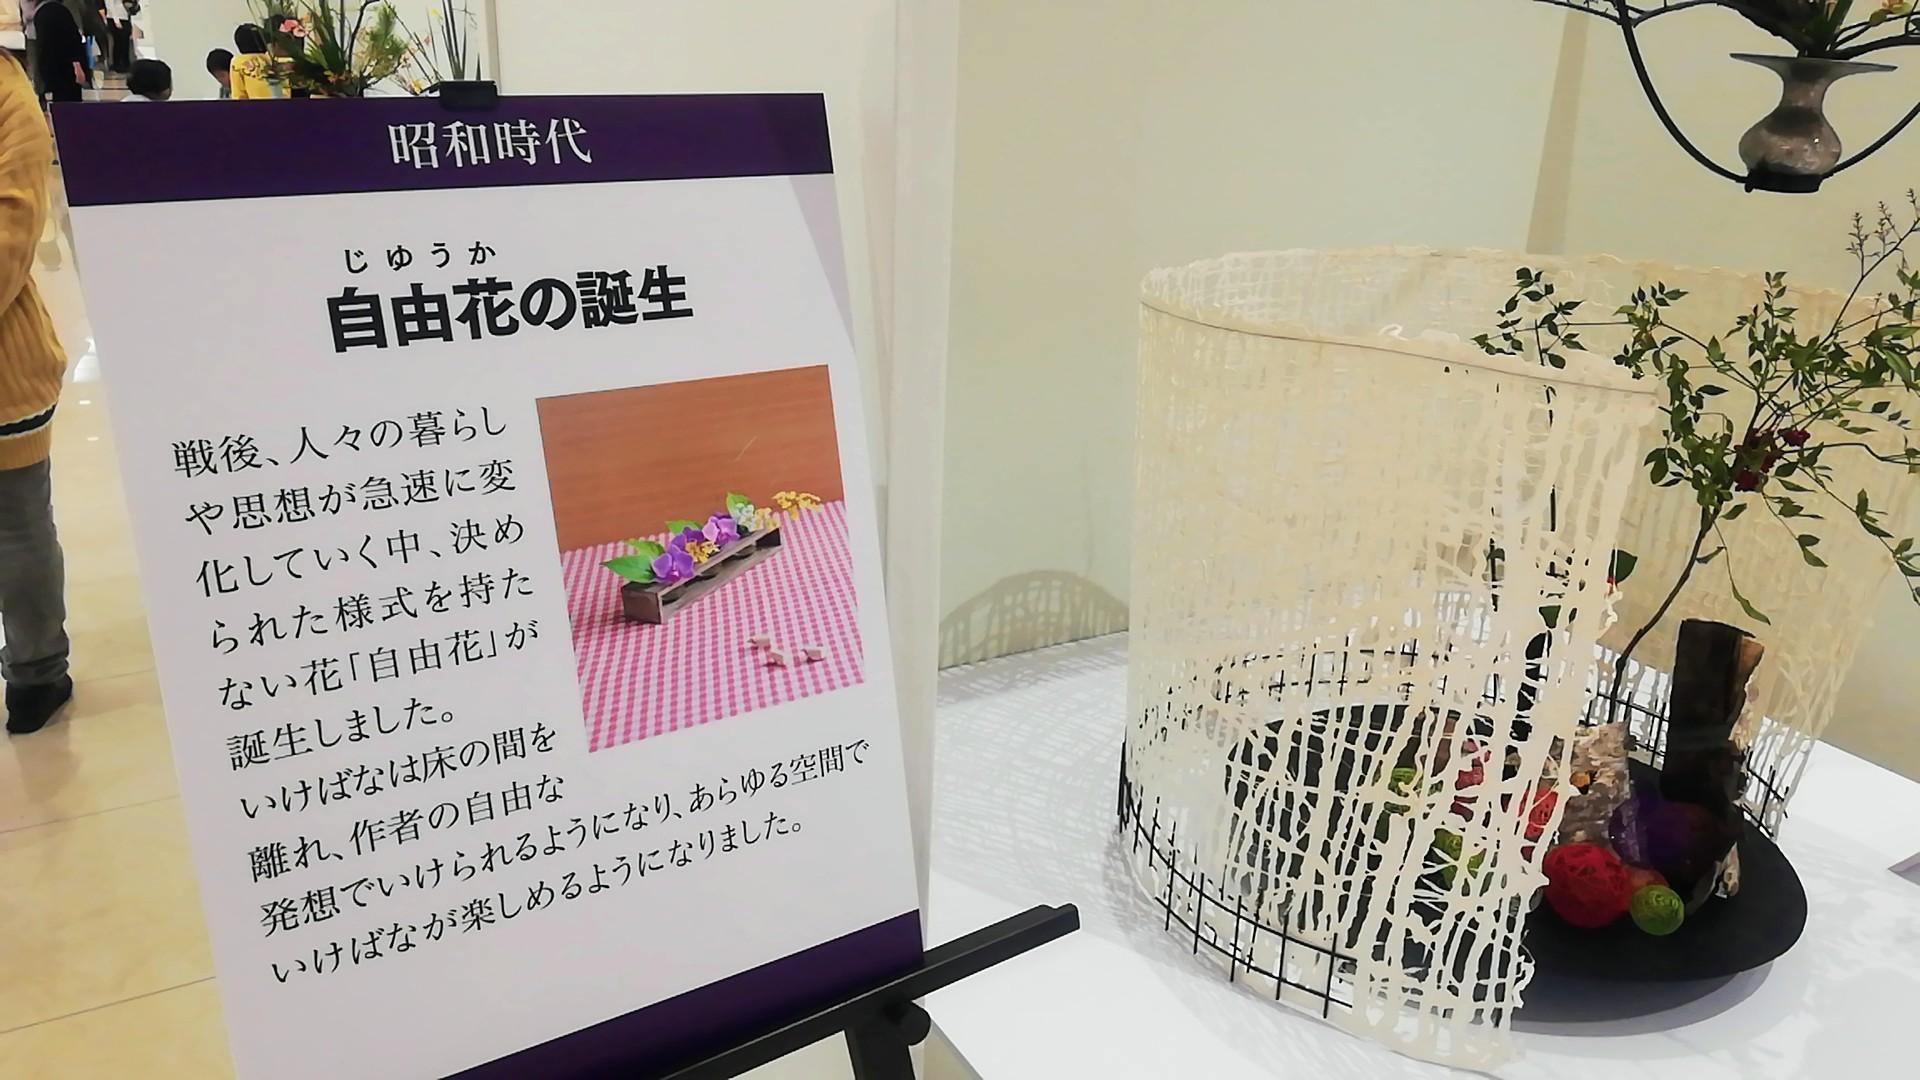 ゆめタウン佐賀開催の池坊展へ_d0195183_20124024.jpg